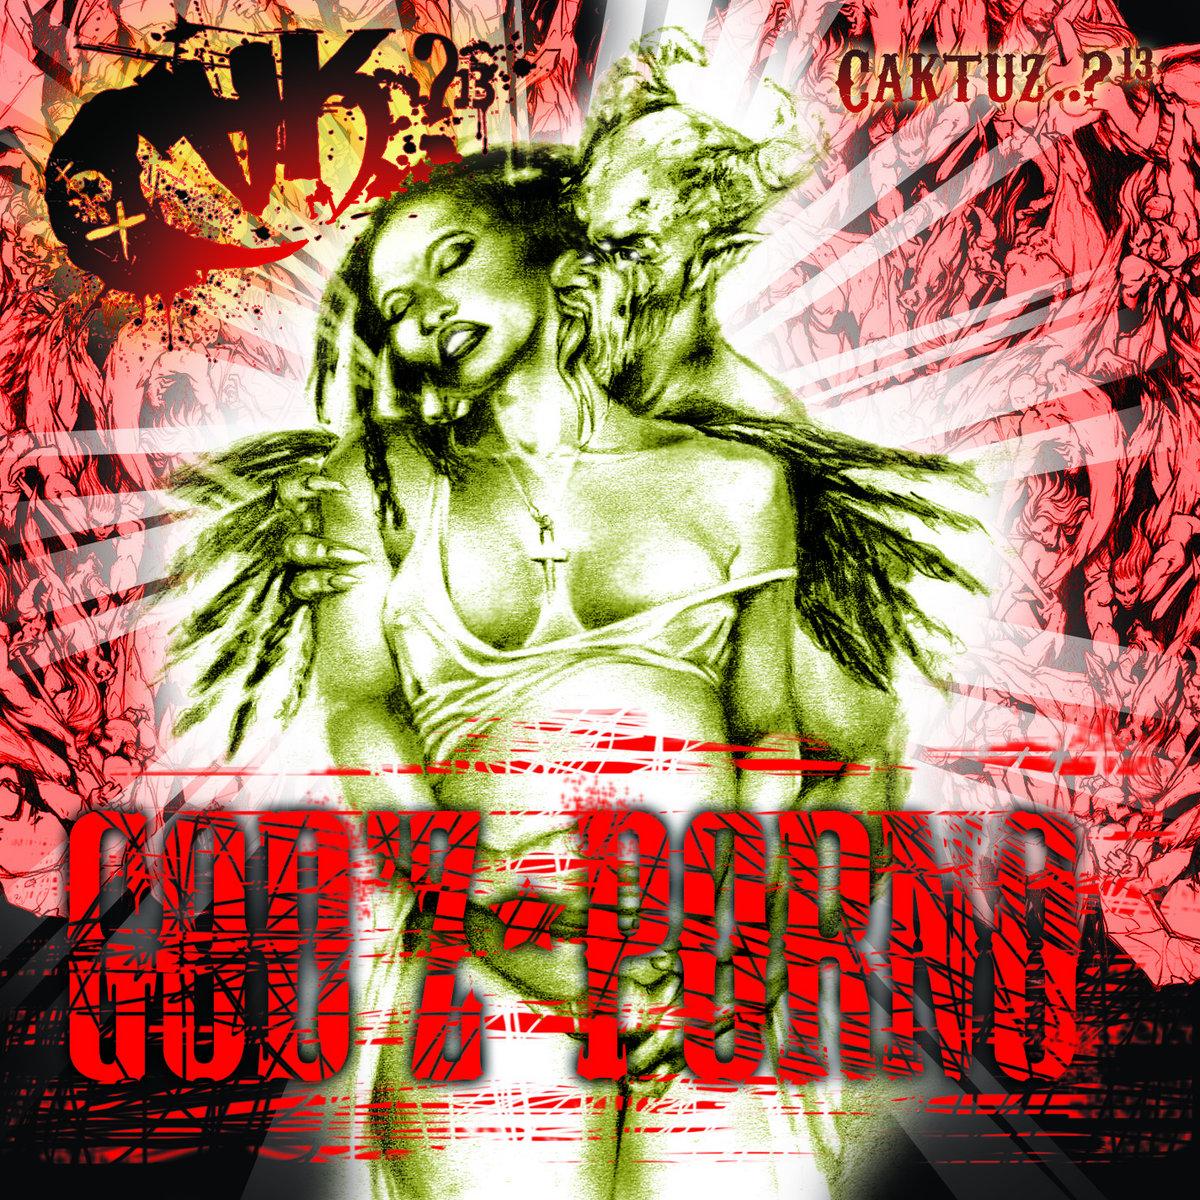 Album Porno god*z porno the album   caktuz